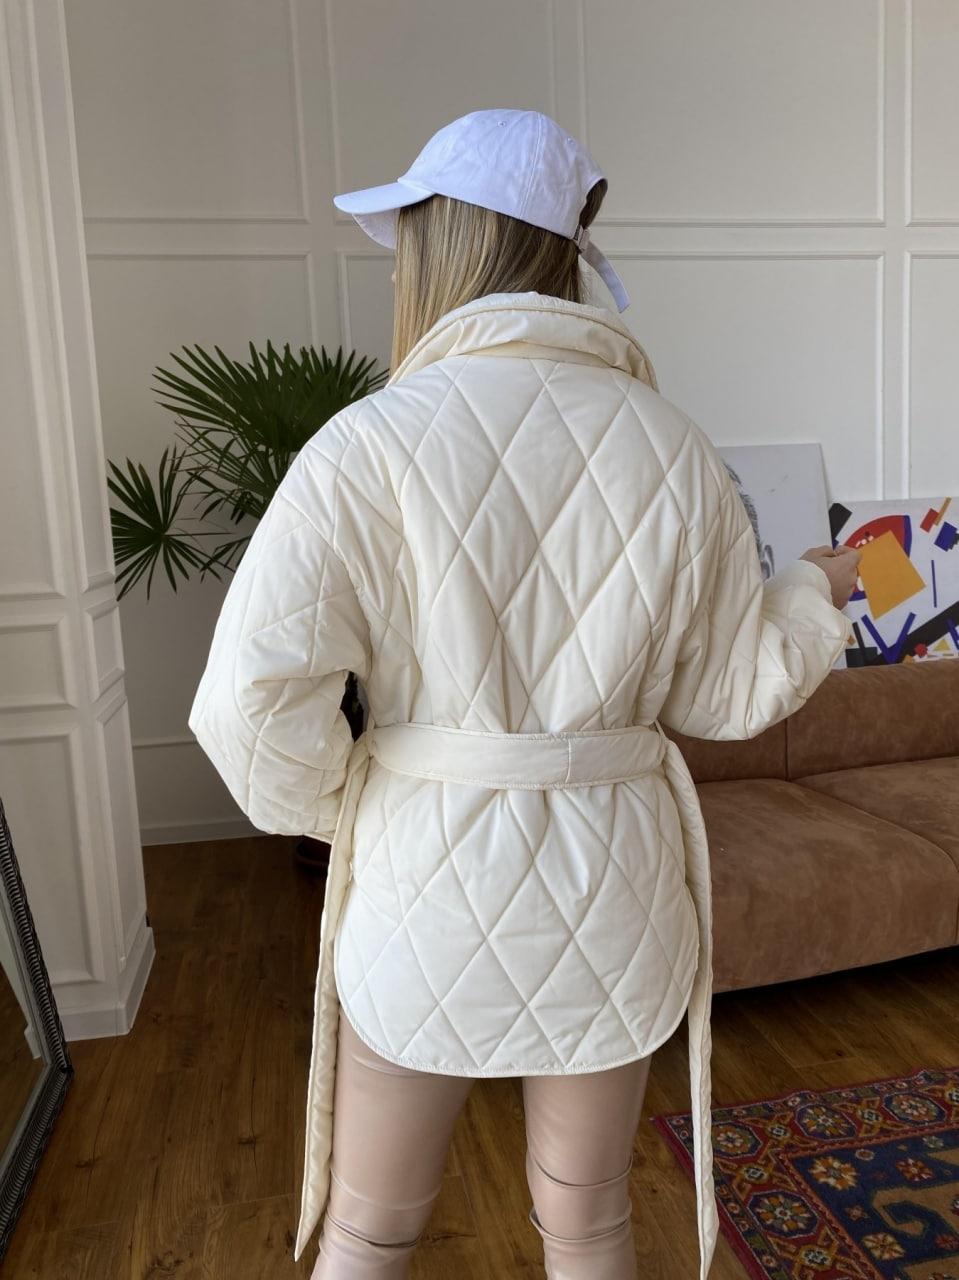 Монокуртка из плащевой ткани Ammy 10972 АРТ. 47632 Цвет: Молоко 1 - фото 7, интернет магазин tm-modus.ru